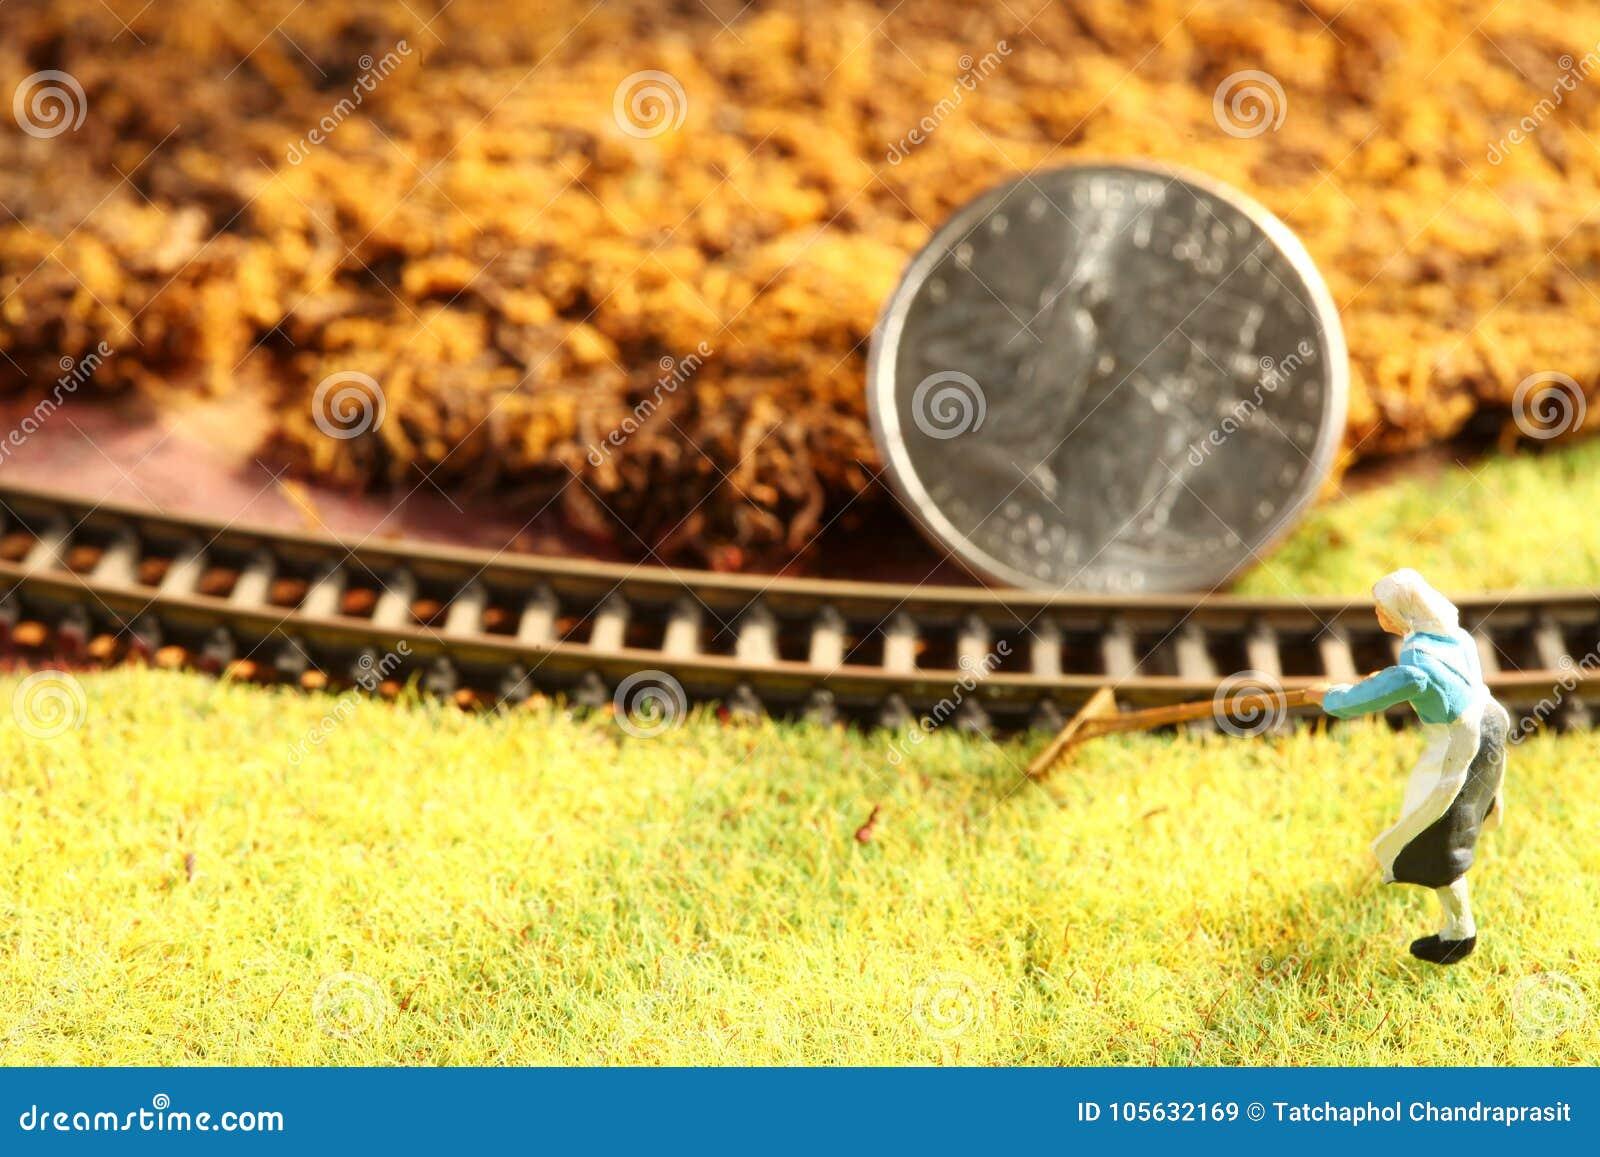 Монетка денег положила дальше миниатюрную сцену железной дороги модели